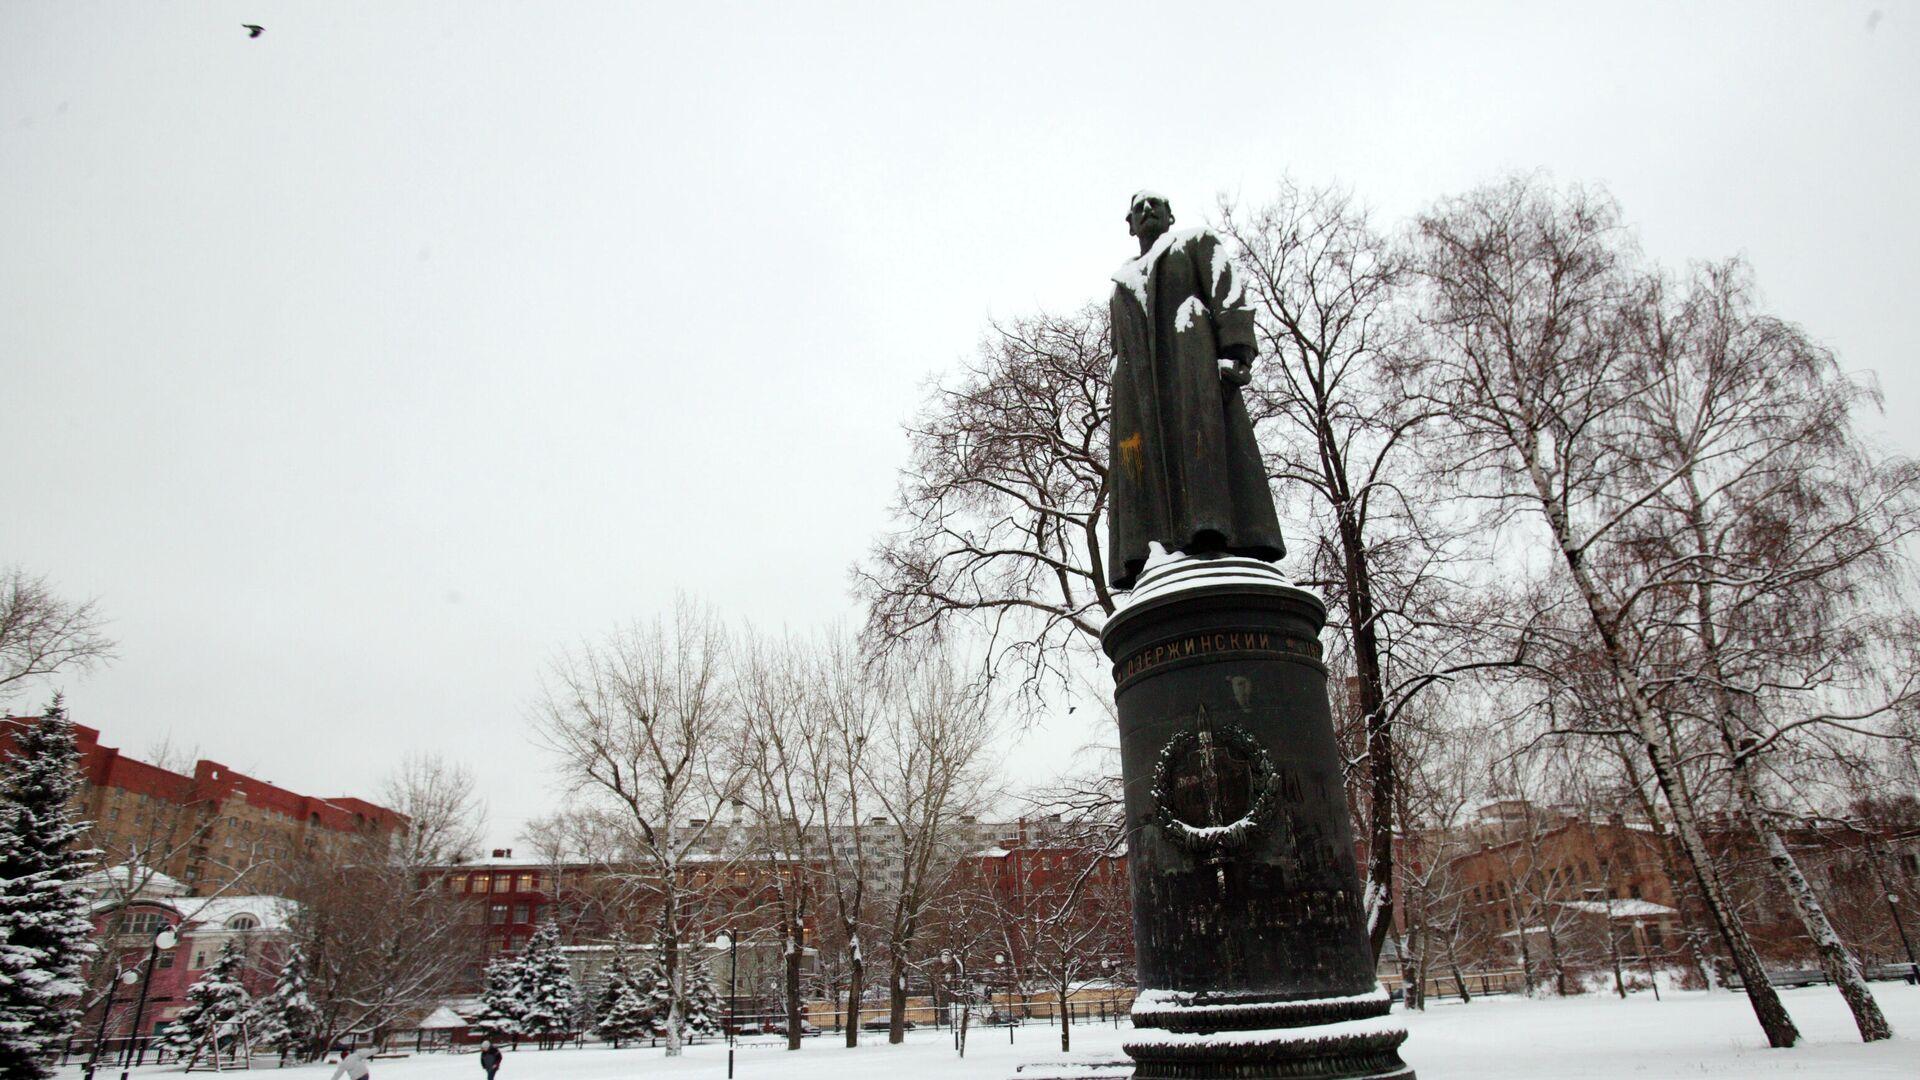 Бронзовый памятник Ф.Э. Дзержинскому. Автор-скульптор Евгений Вучетич - РИА Новости, 1920, 08.02.2021